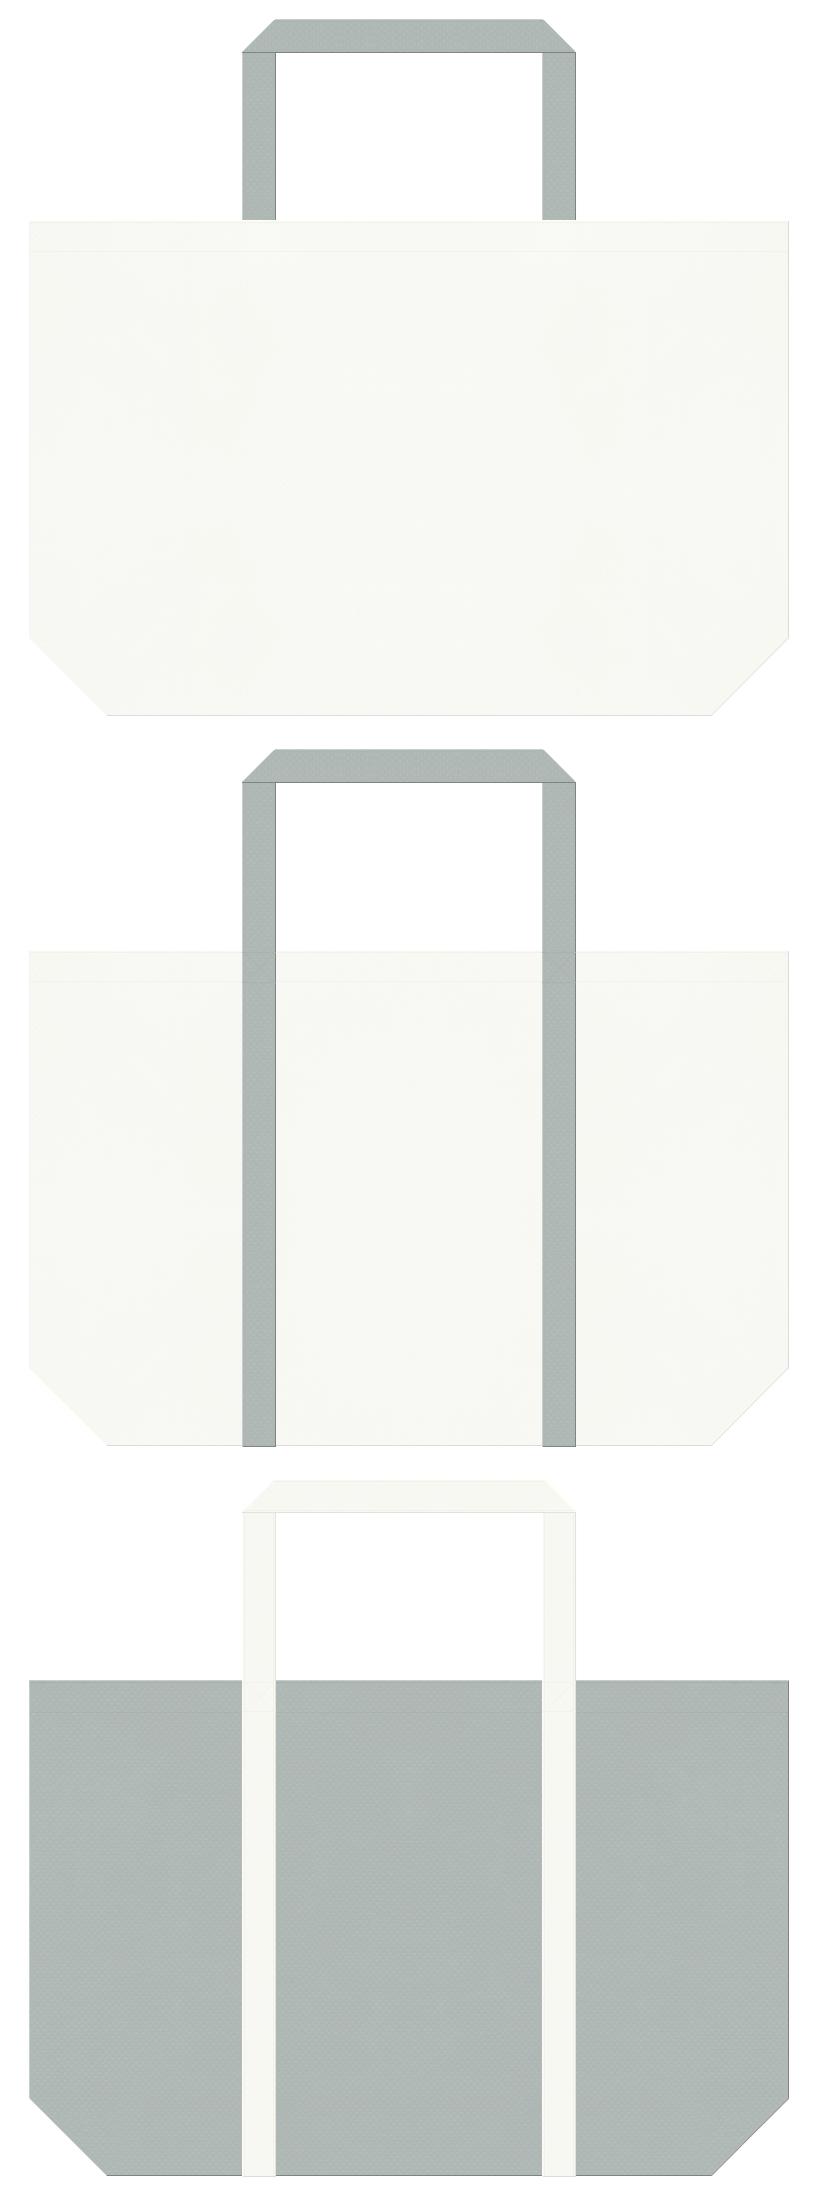 ガス器具・ロボット・アルミサッシ・金属・機械・コンクリート・建築・コアラ・都市計画・製図・設計・什器・文具の展示会用バッグにお奨めの不織布バッグデザイン:オフホワイト色とグレー色のコーデ